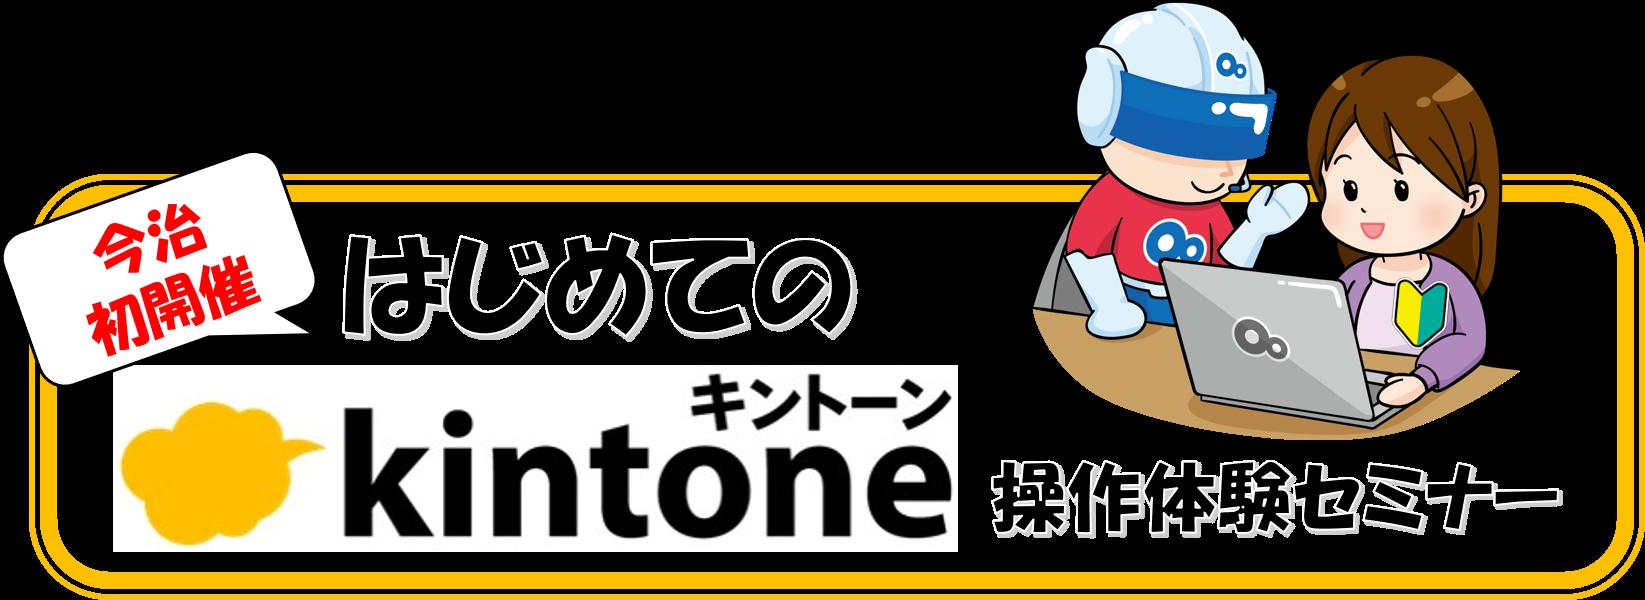 【今治初開催】はじめてのkintone操作体験セミナーバナー.png